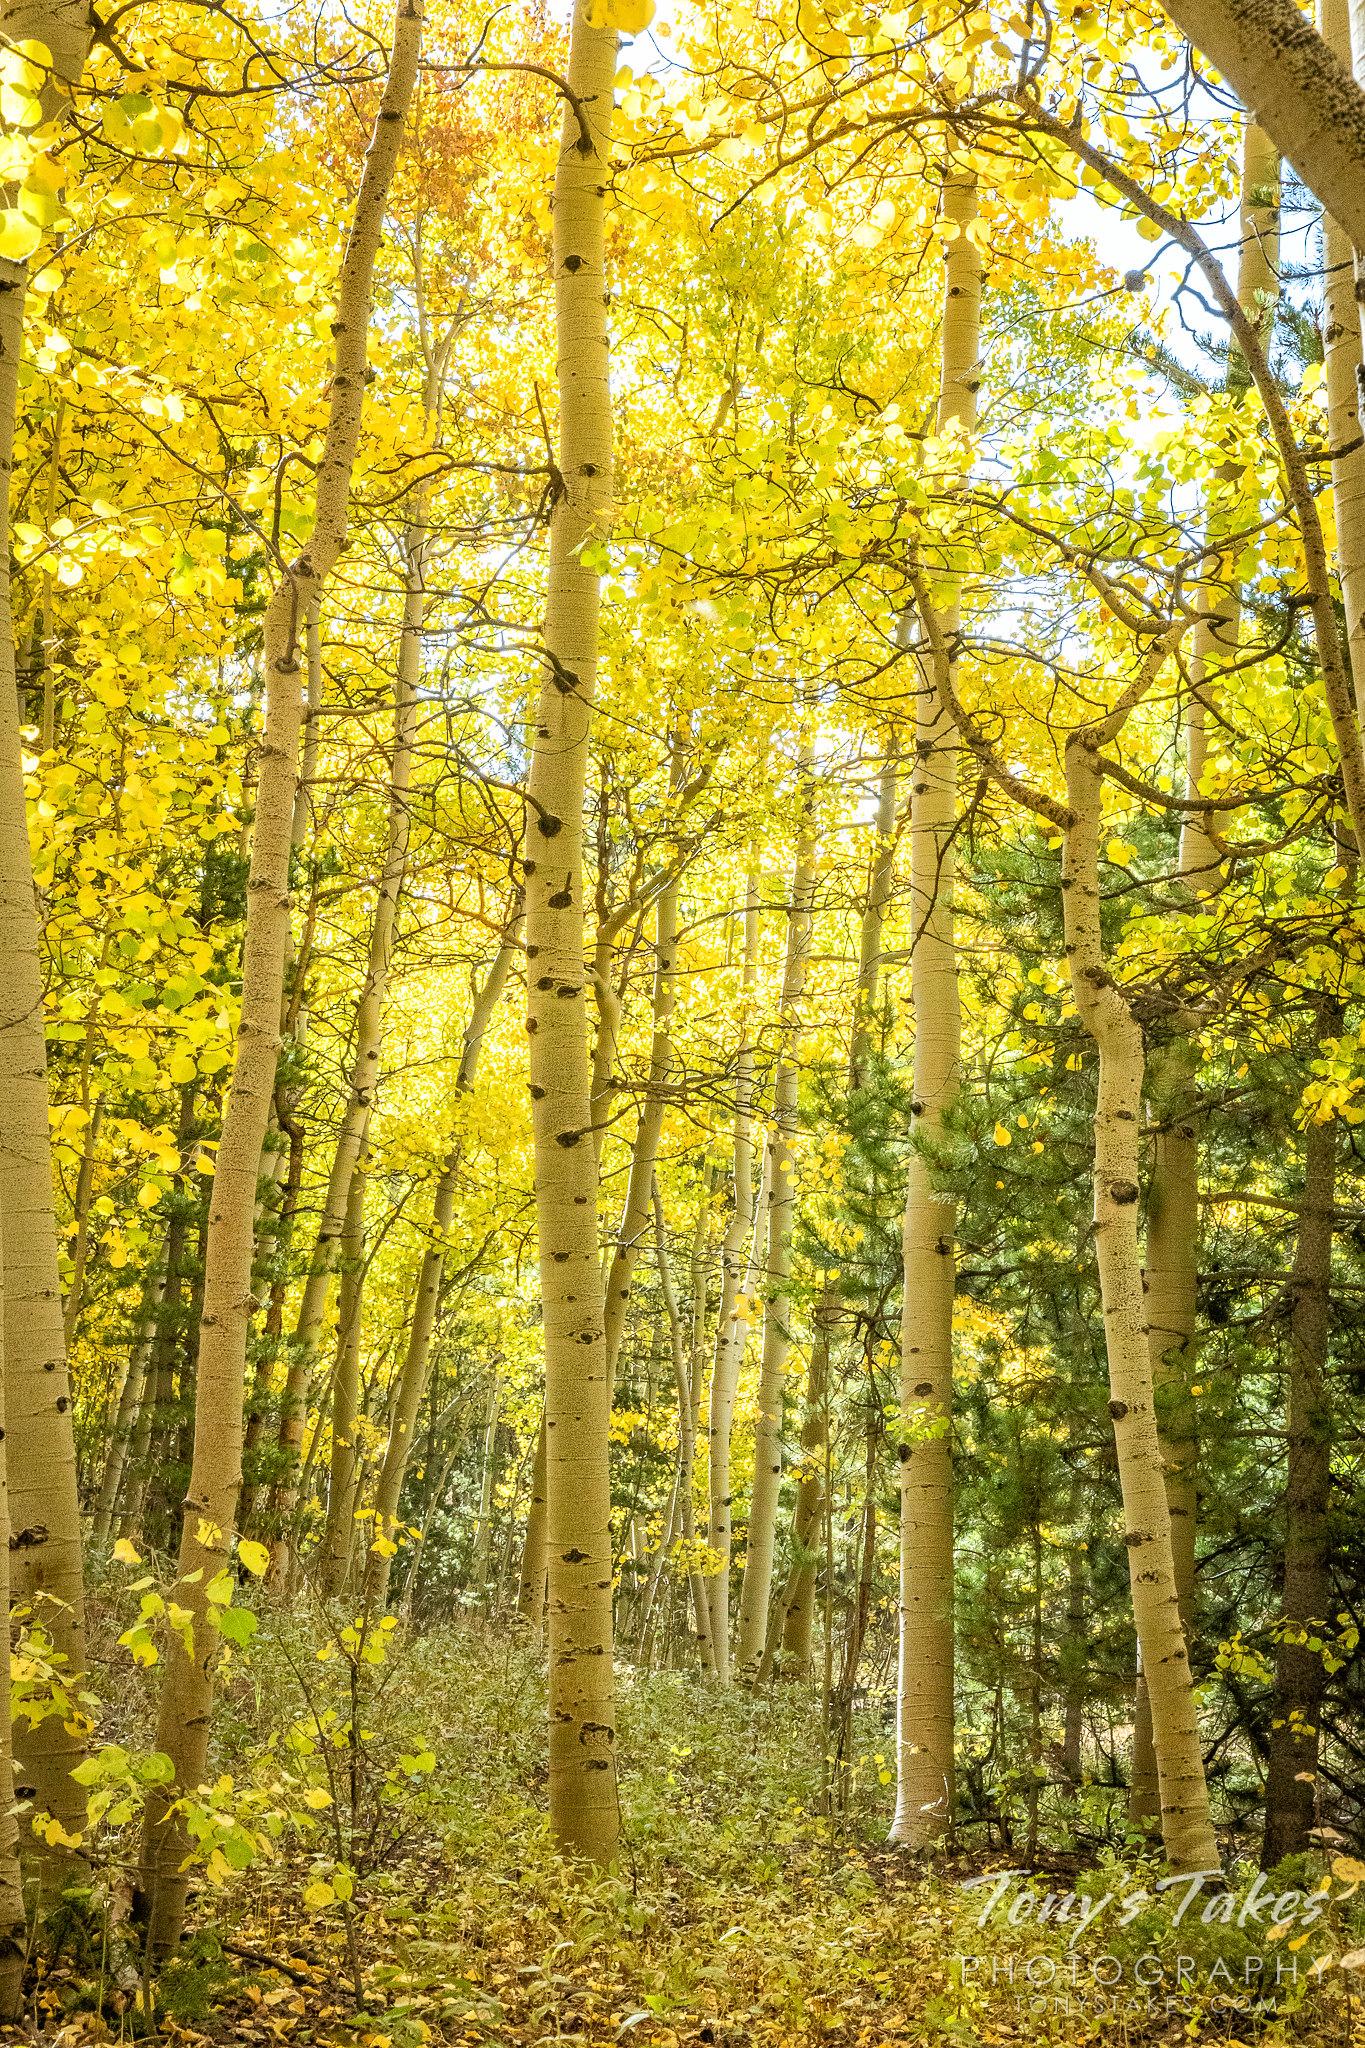 Golden aspen trees in the fall